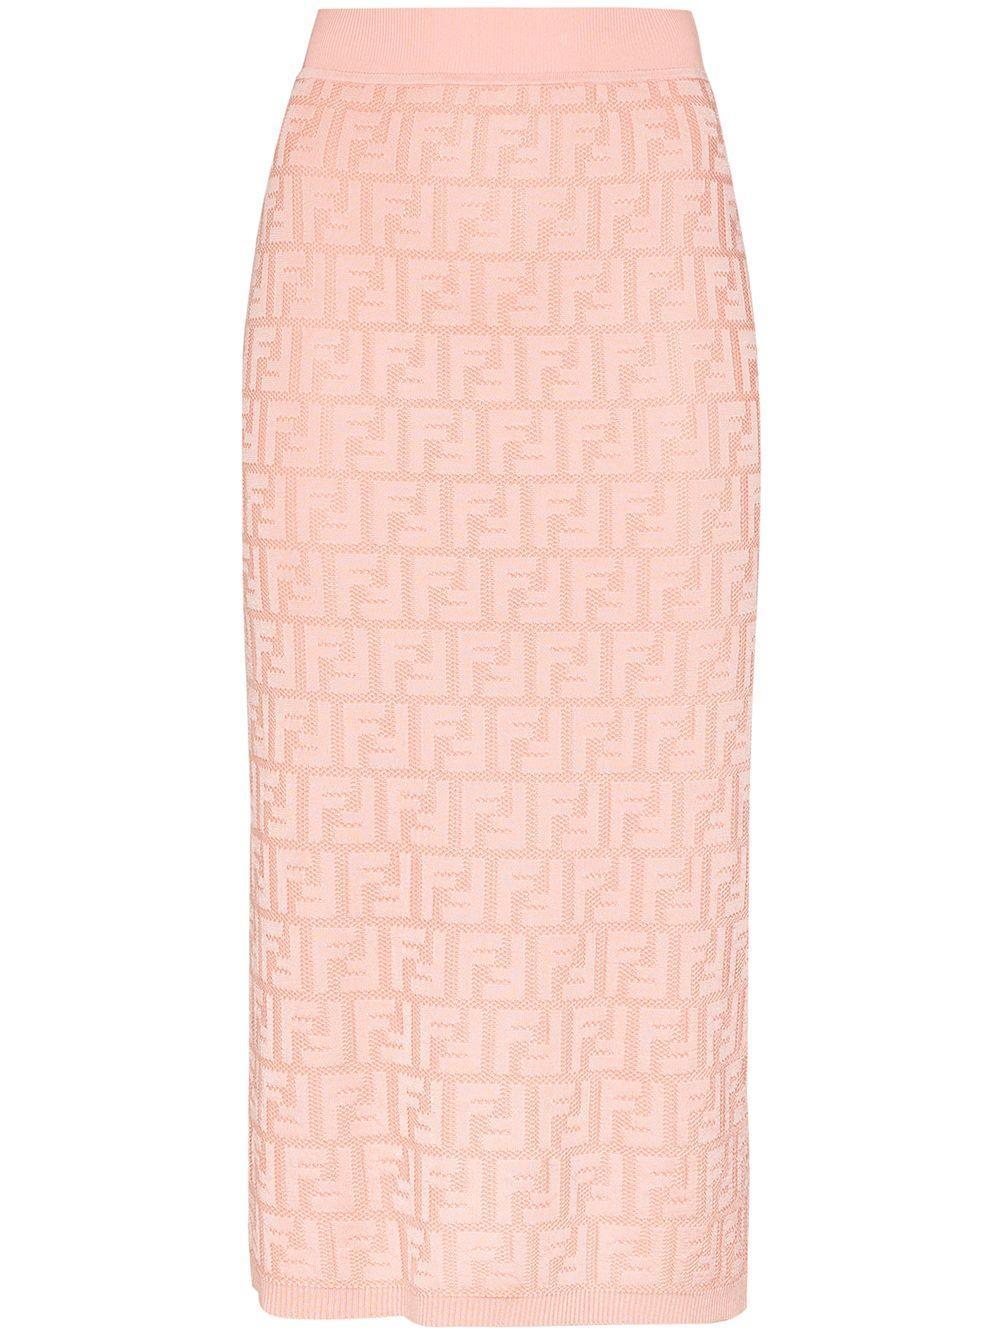 Fendi logo jacquard pencil skirt